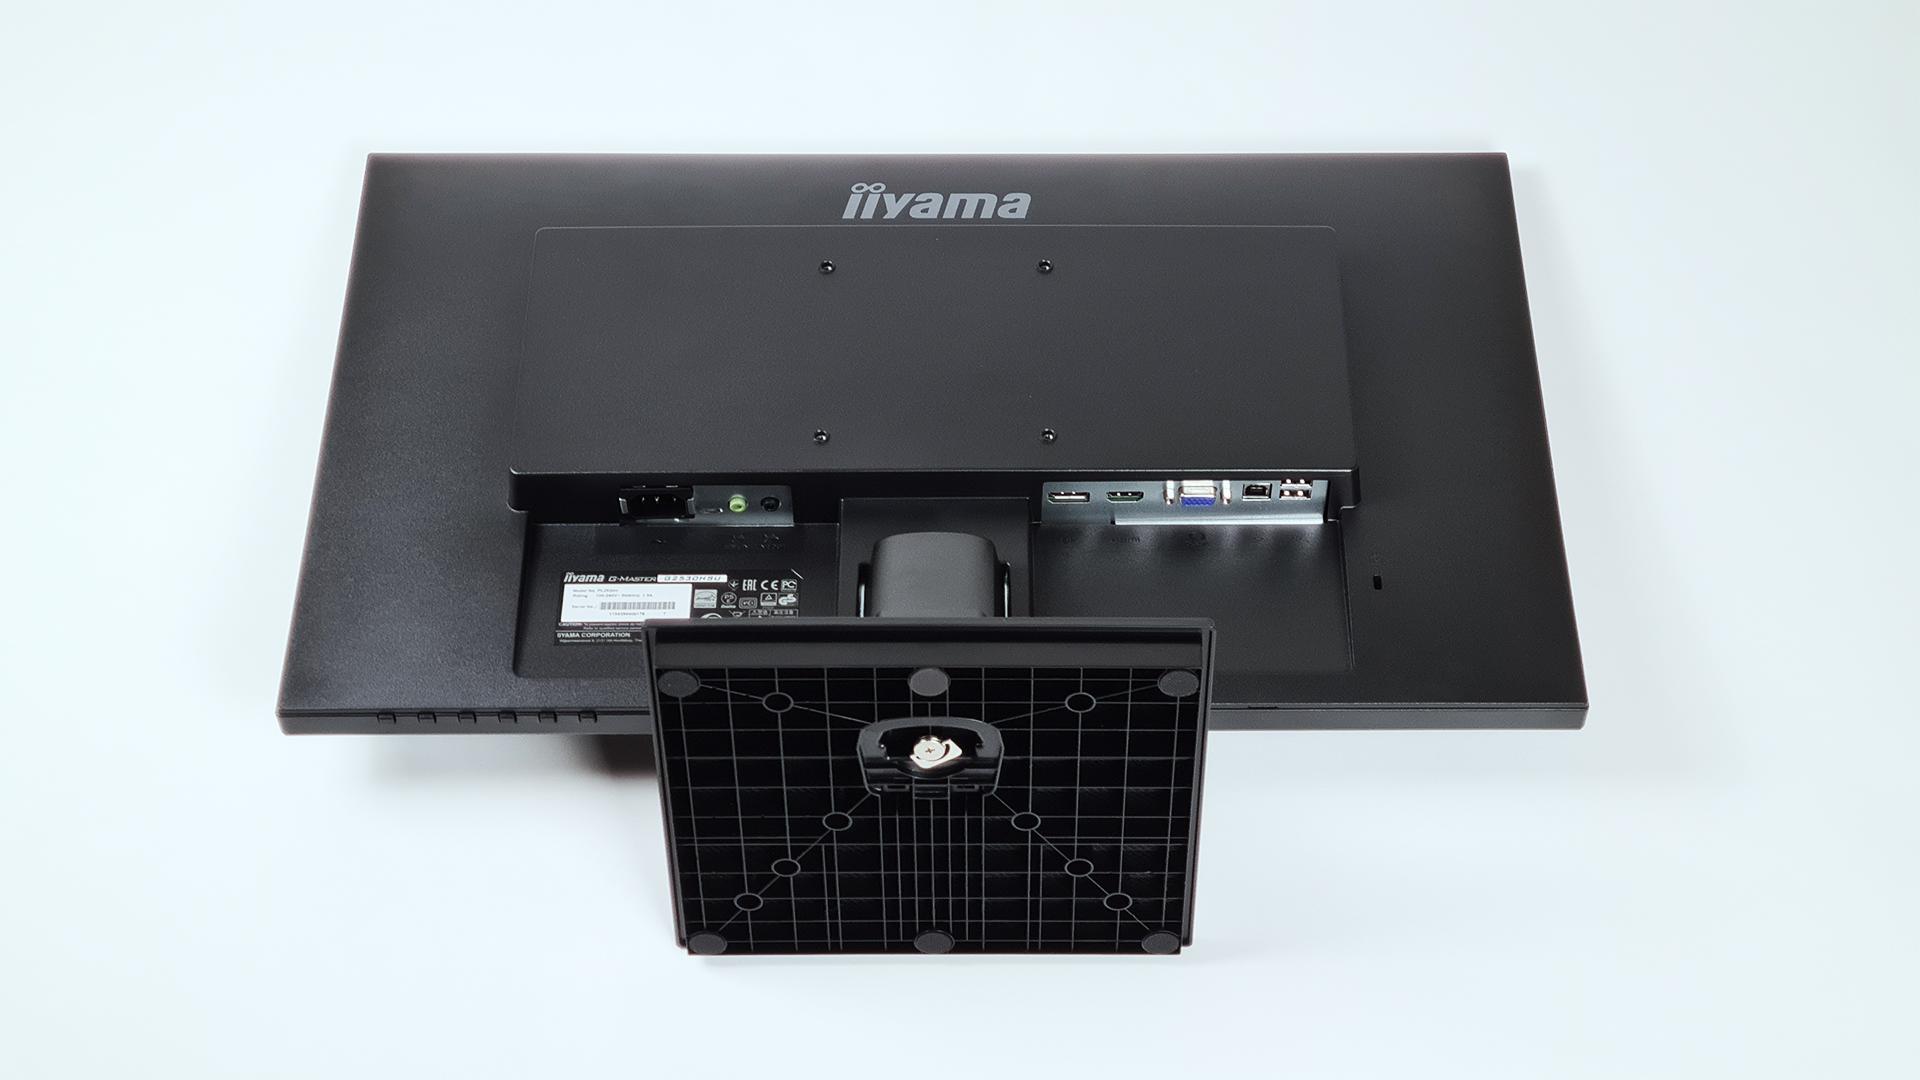 Iiyama G-MASTER G2530HSU-B1 Black Hawk hintere Ansicht: Anschlüsse